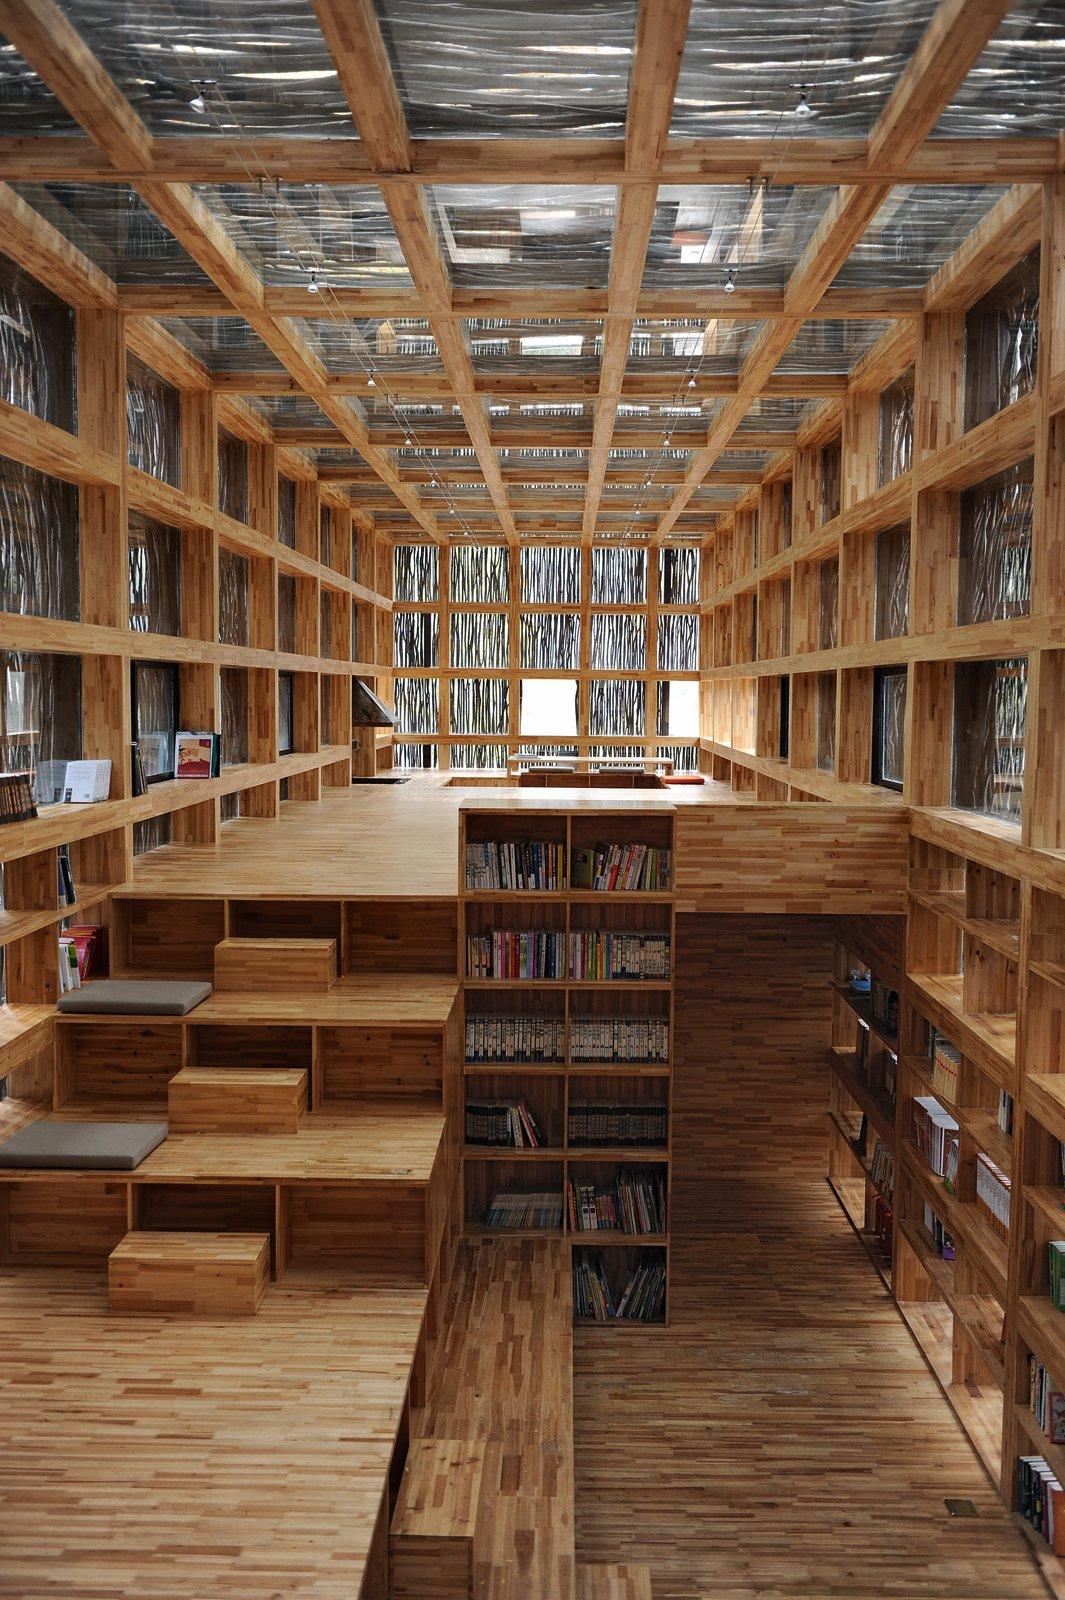 The Li Yuan Library's coffered walls provide a built-in storage solutions for all those books. Li Xiaodong, Li Yuan Library, Jiaojiehe Village, Huirou, Beijing, China. Photo by Li Xiaodong Atelier.